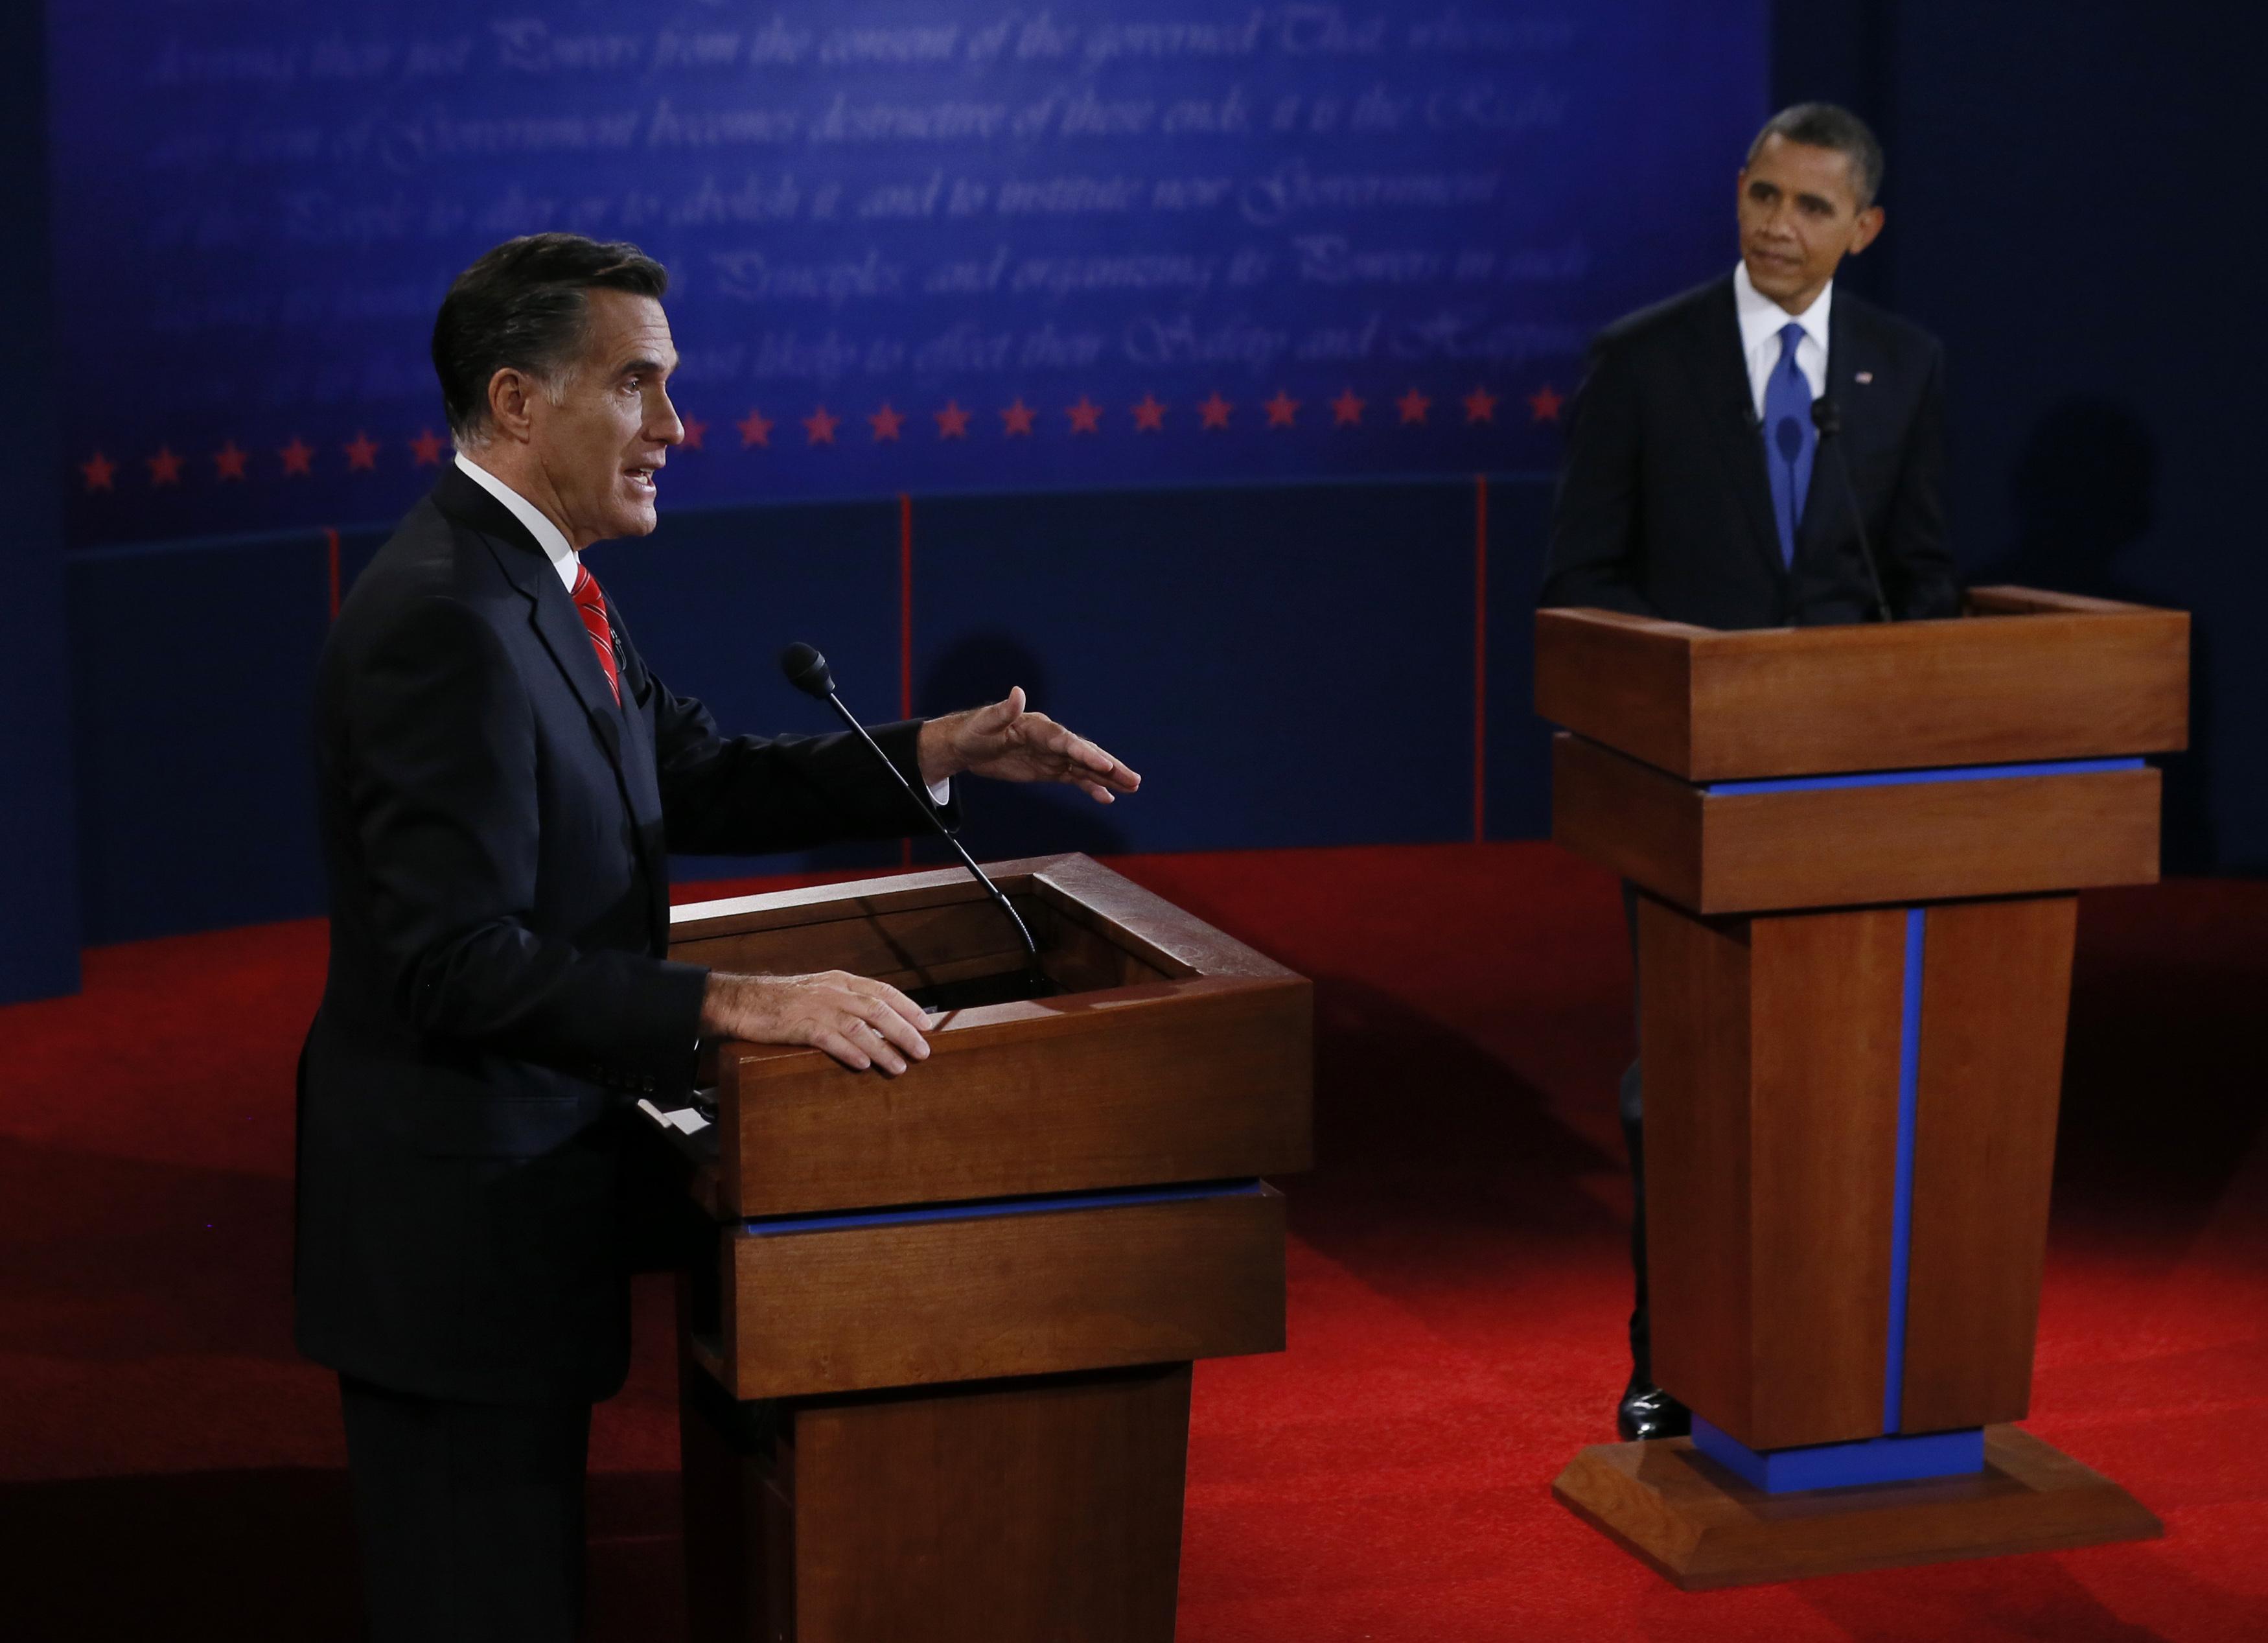 Romney and Obama at Denver debate